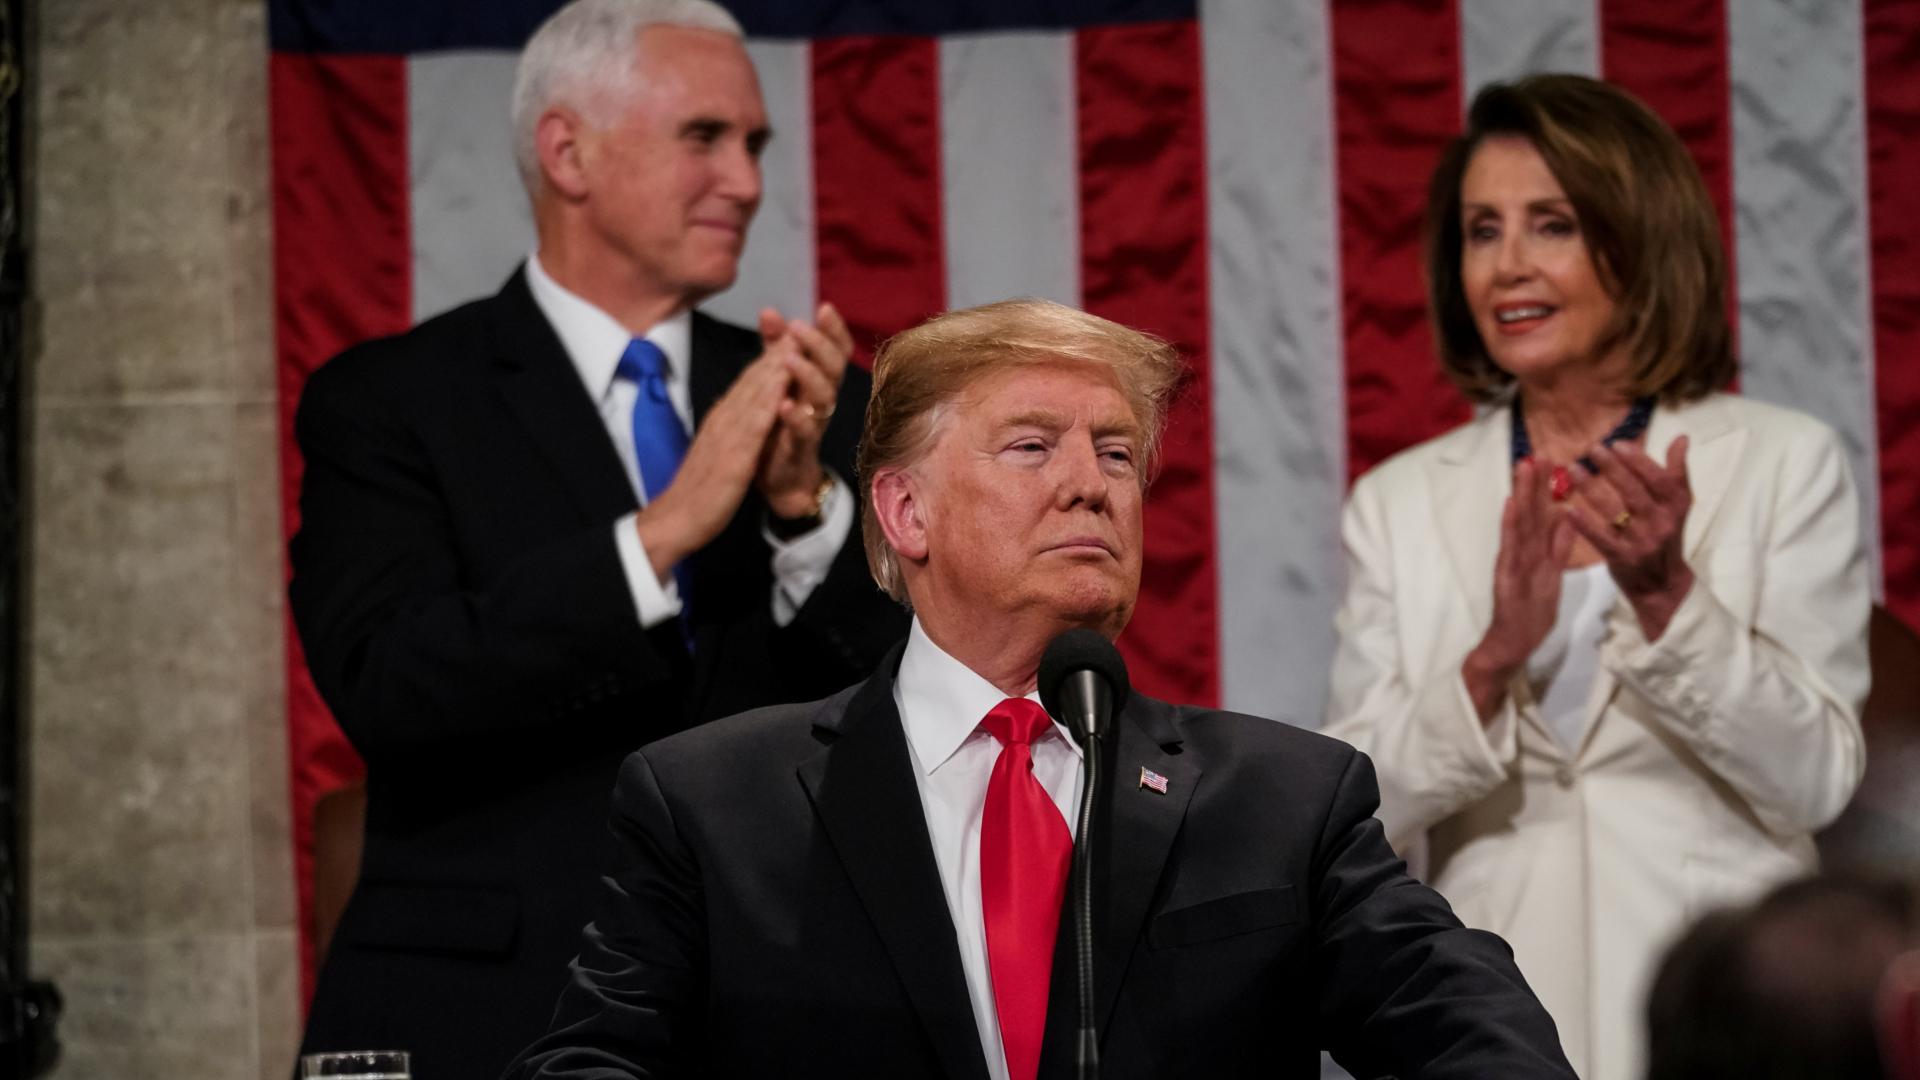 Donald Trump es aplaudido por el vicepresidente estadounidense, Mike Pence, y la presidenta del Congreso, Nancy Pelosi. (Reuters)